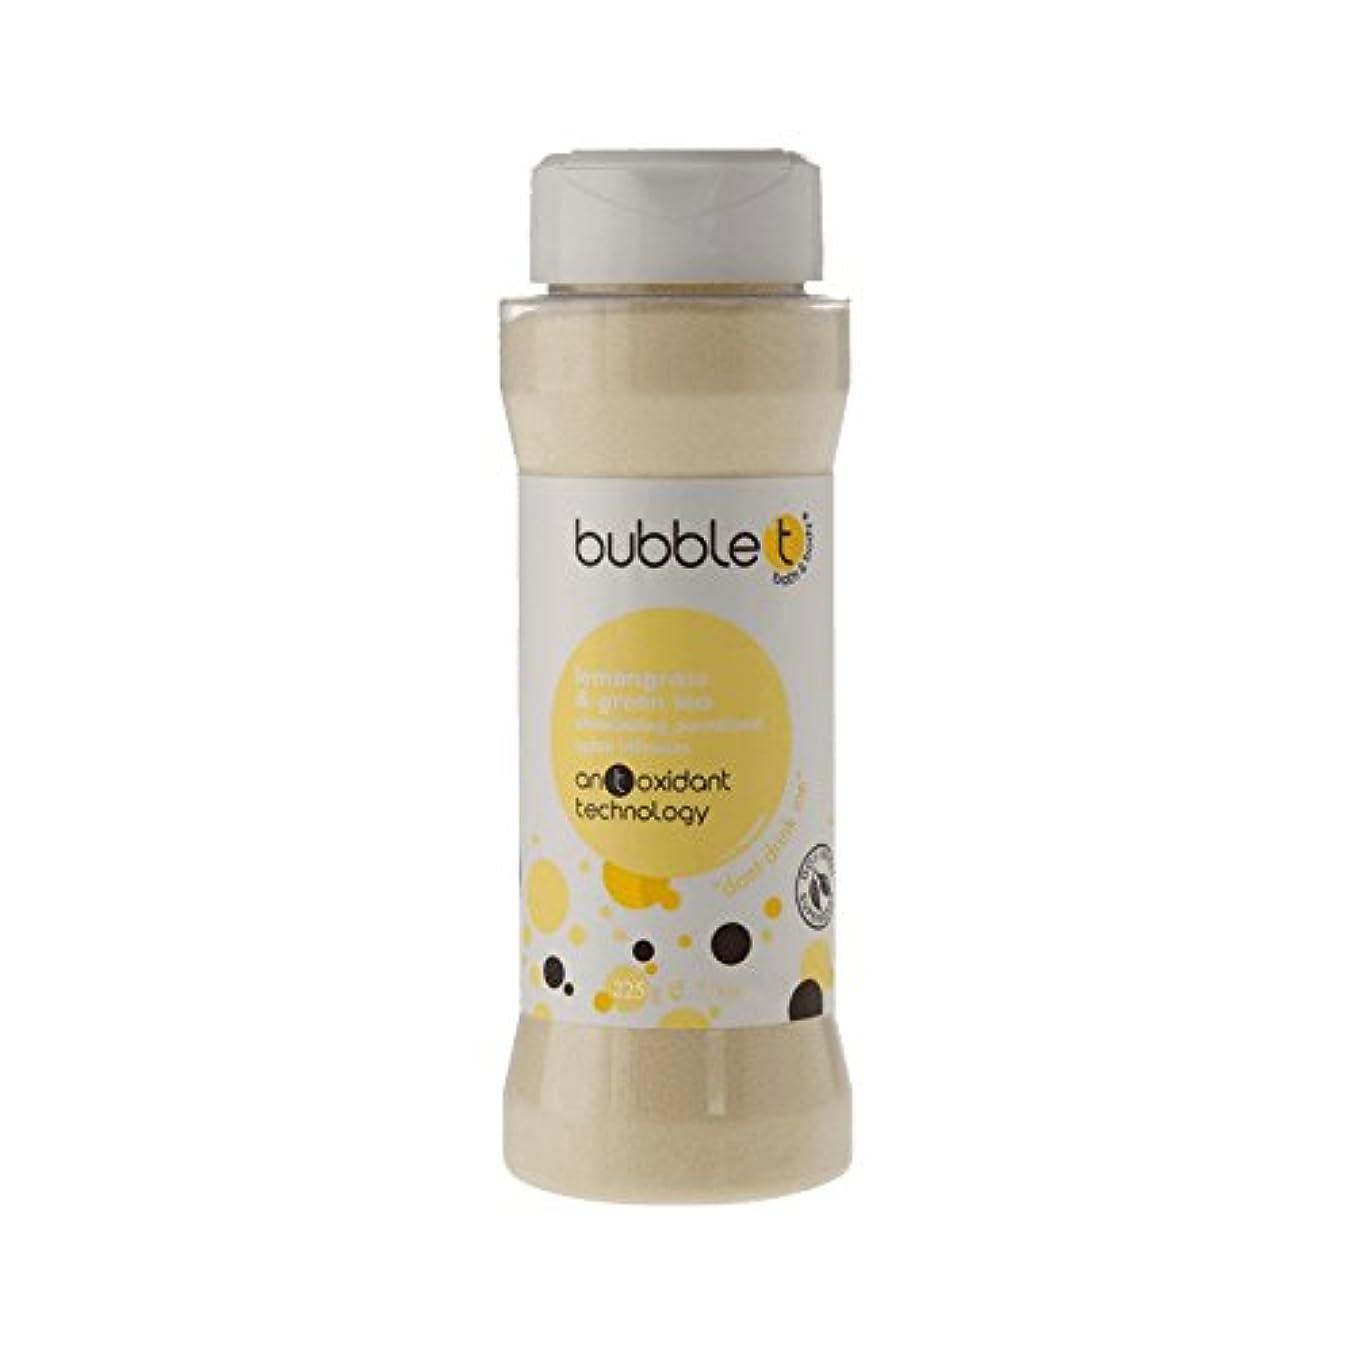 モードリン会話球体Bubble T Bath Spice Infusion Lemongrass & Green Tea 225g (Pack of 2) - バブルトン風呂スパイス注入レモングラス&緑茶225グラム (x2) [並行輸入品]